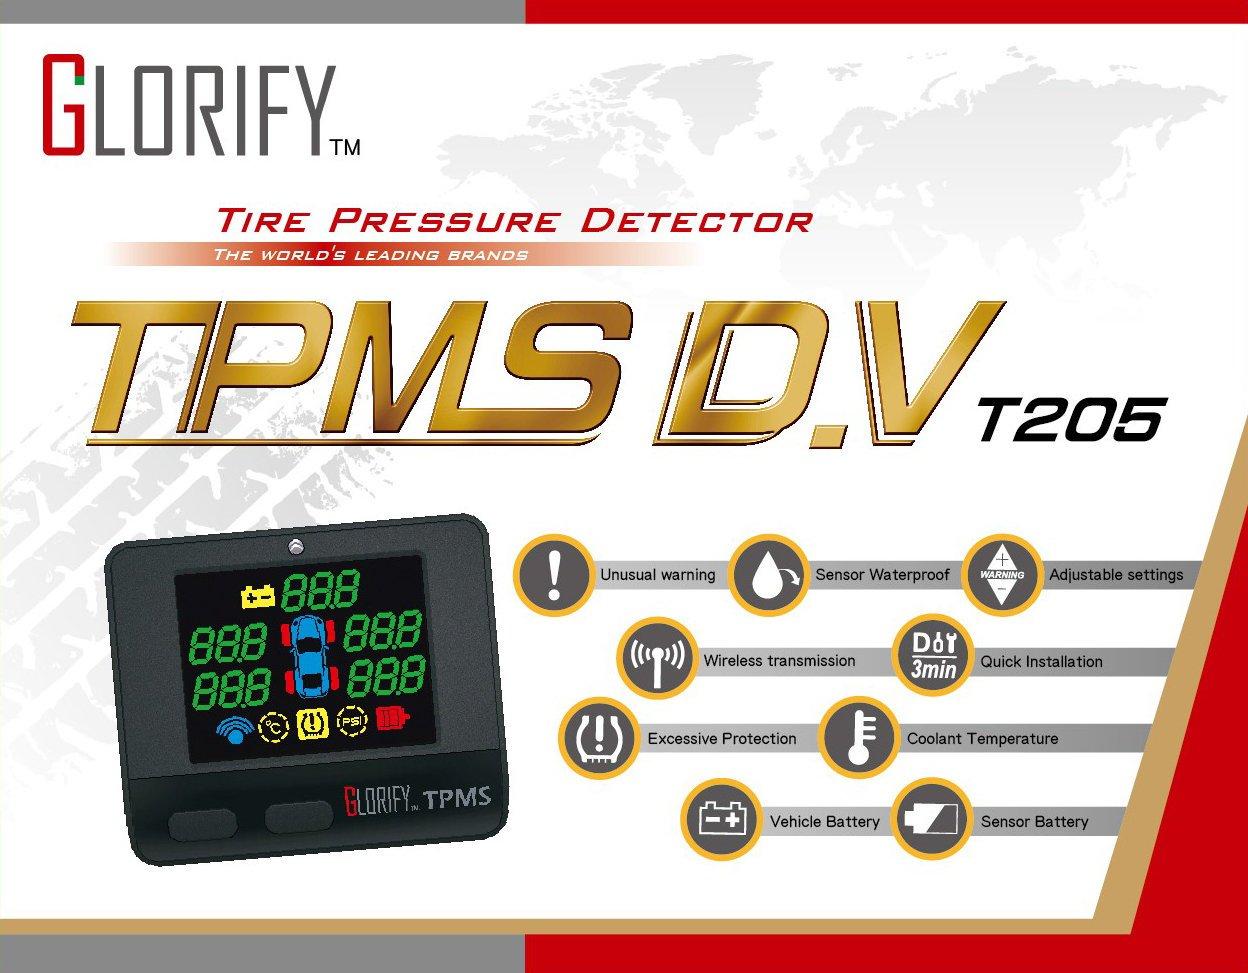 小青蛙數位 Glorify TPMS D.V T205 胎壓偵測器 胎壓檢測 胎壓